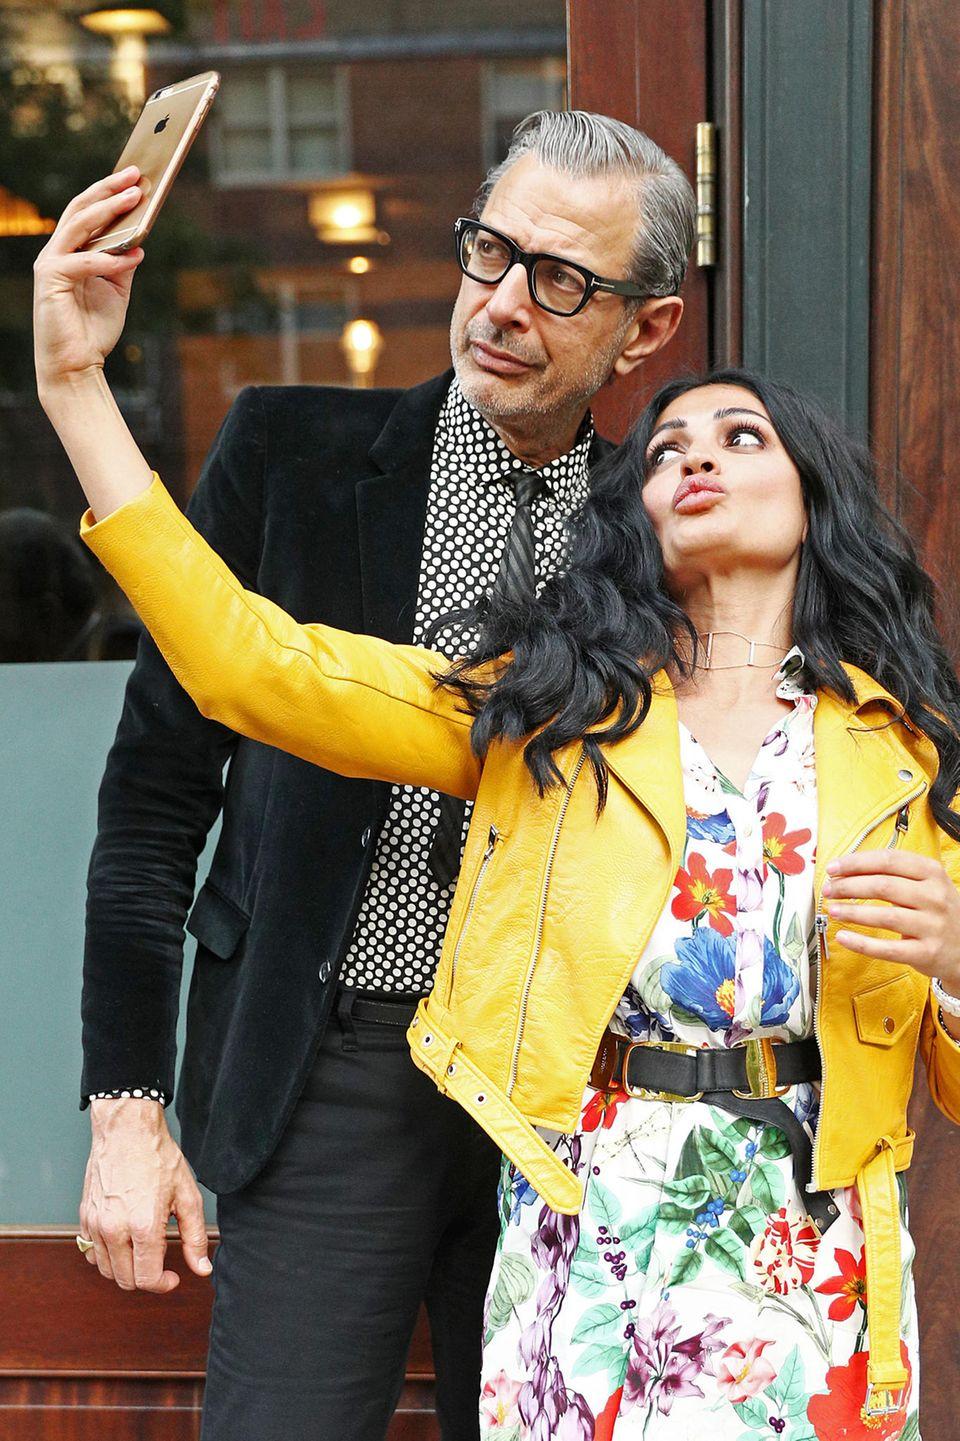 Dieser weibliche Fan will ein ganz besonderes Erinnerungsfoto mit Schauspieler Jeff Goldblum haben und schneidet dafür eifrig Grimassen.